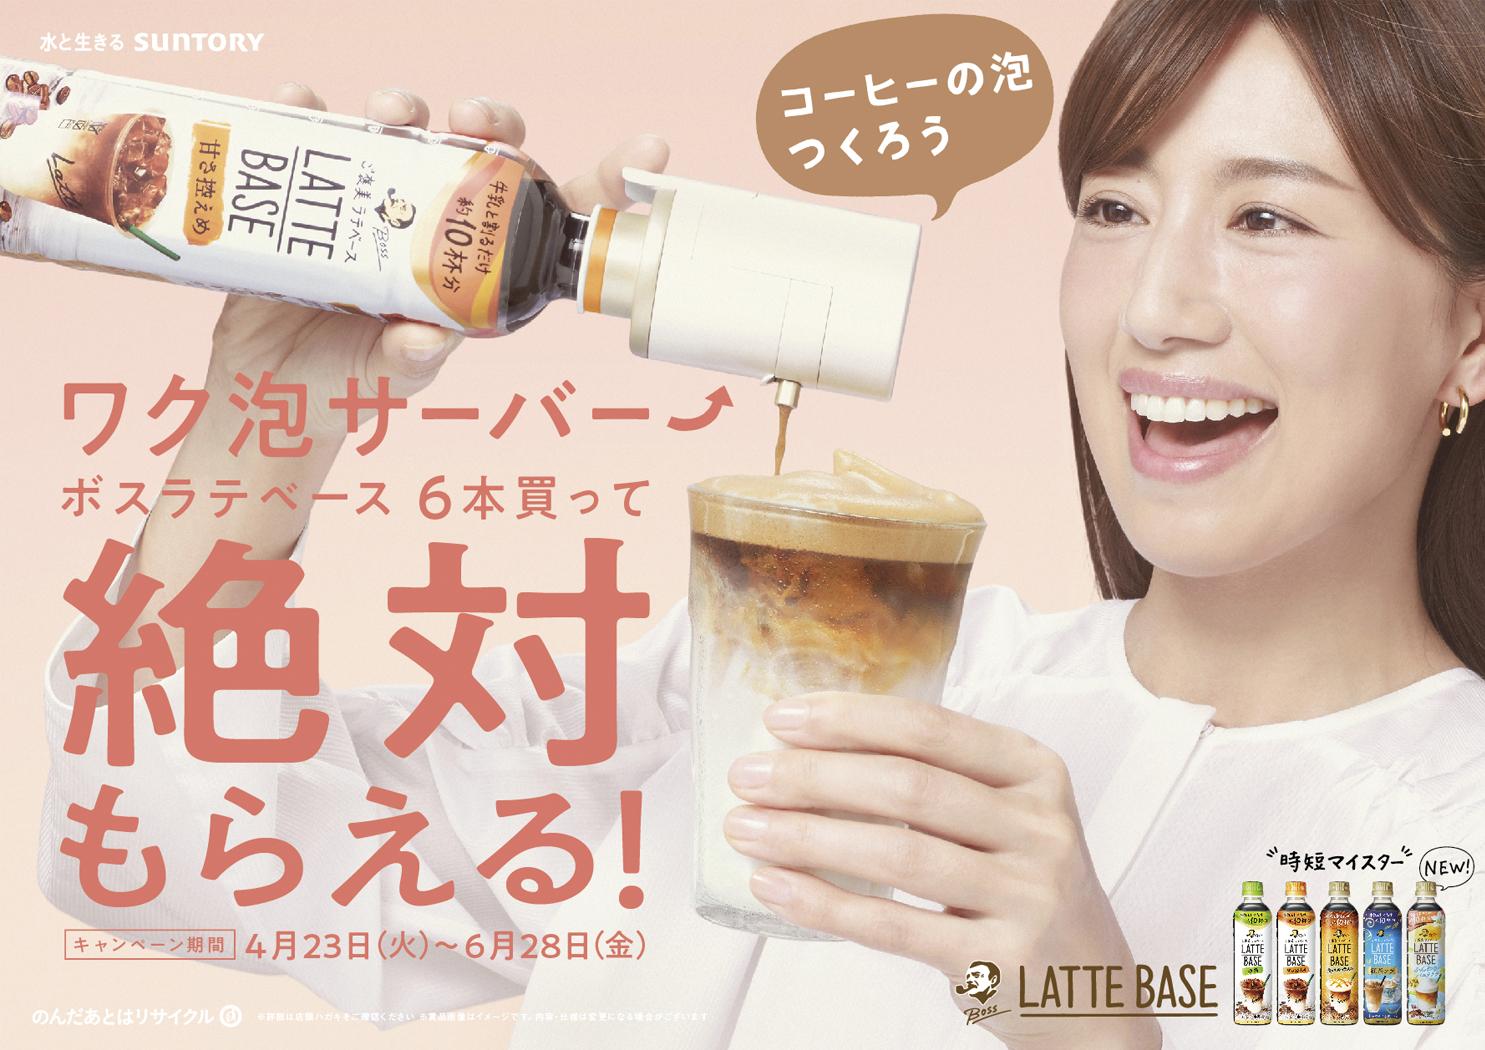 Suntory boss LatteBase wakuawa B4board